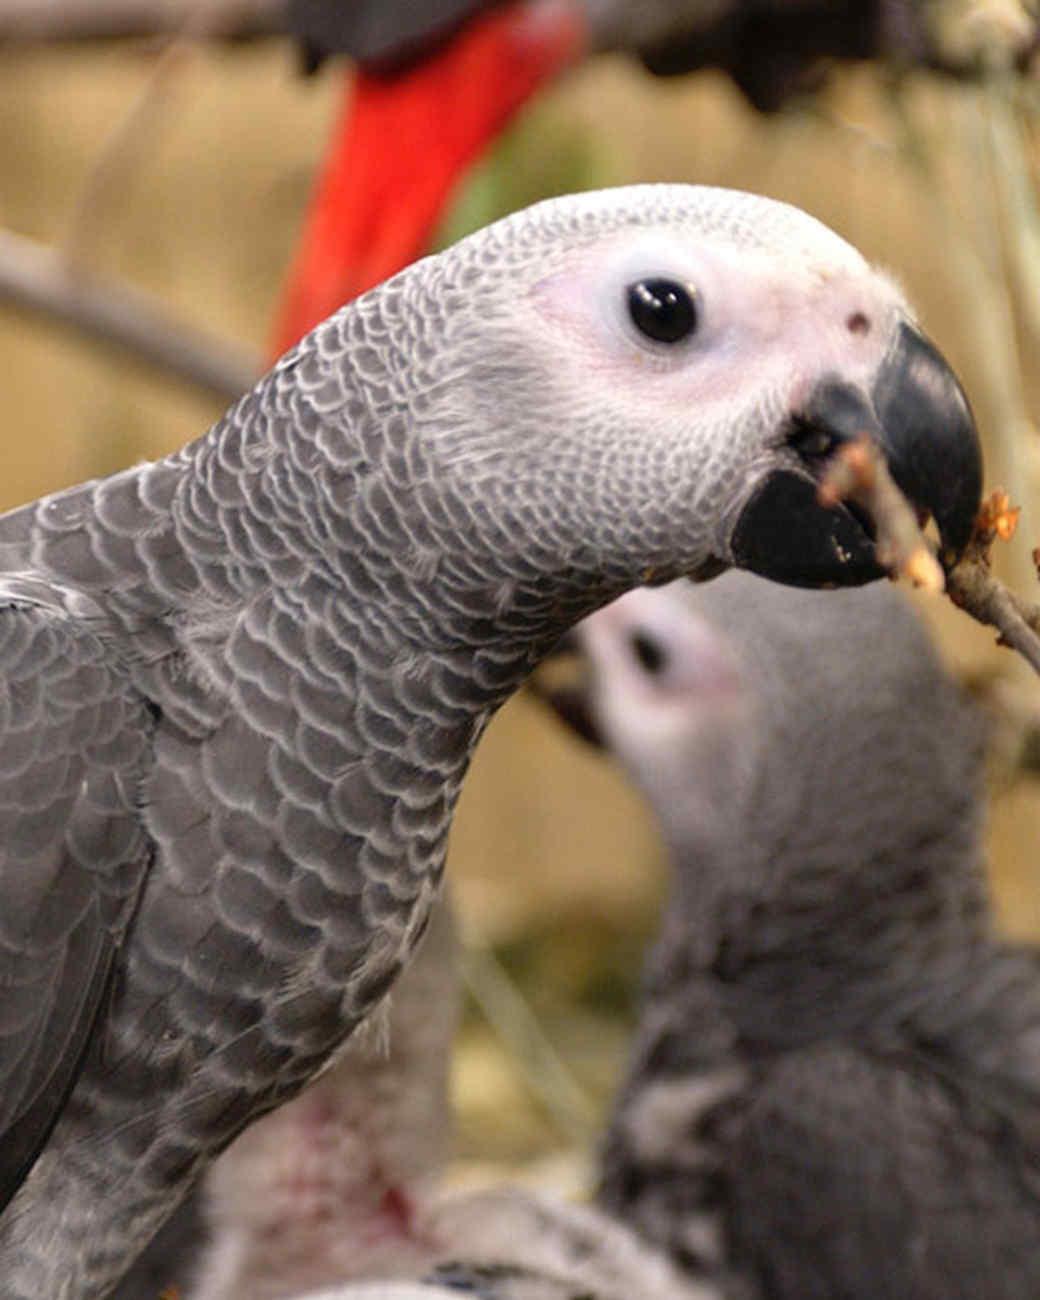 pe_birds_tvs9674_05.jpg